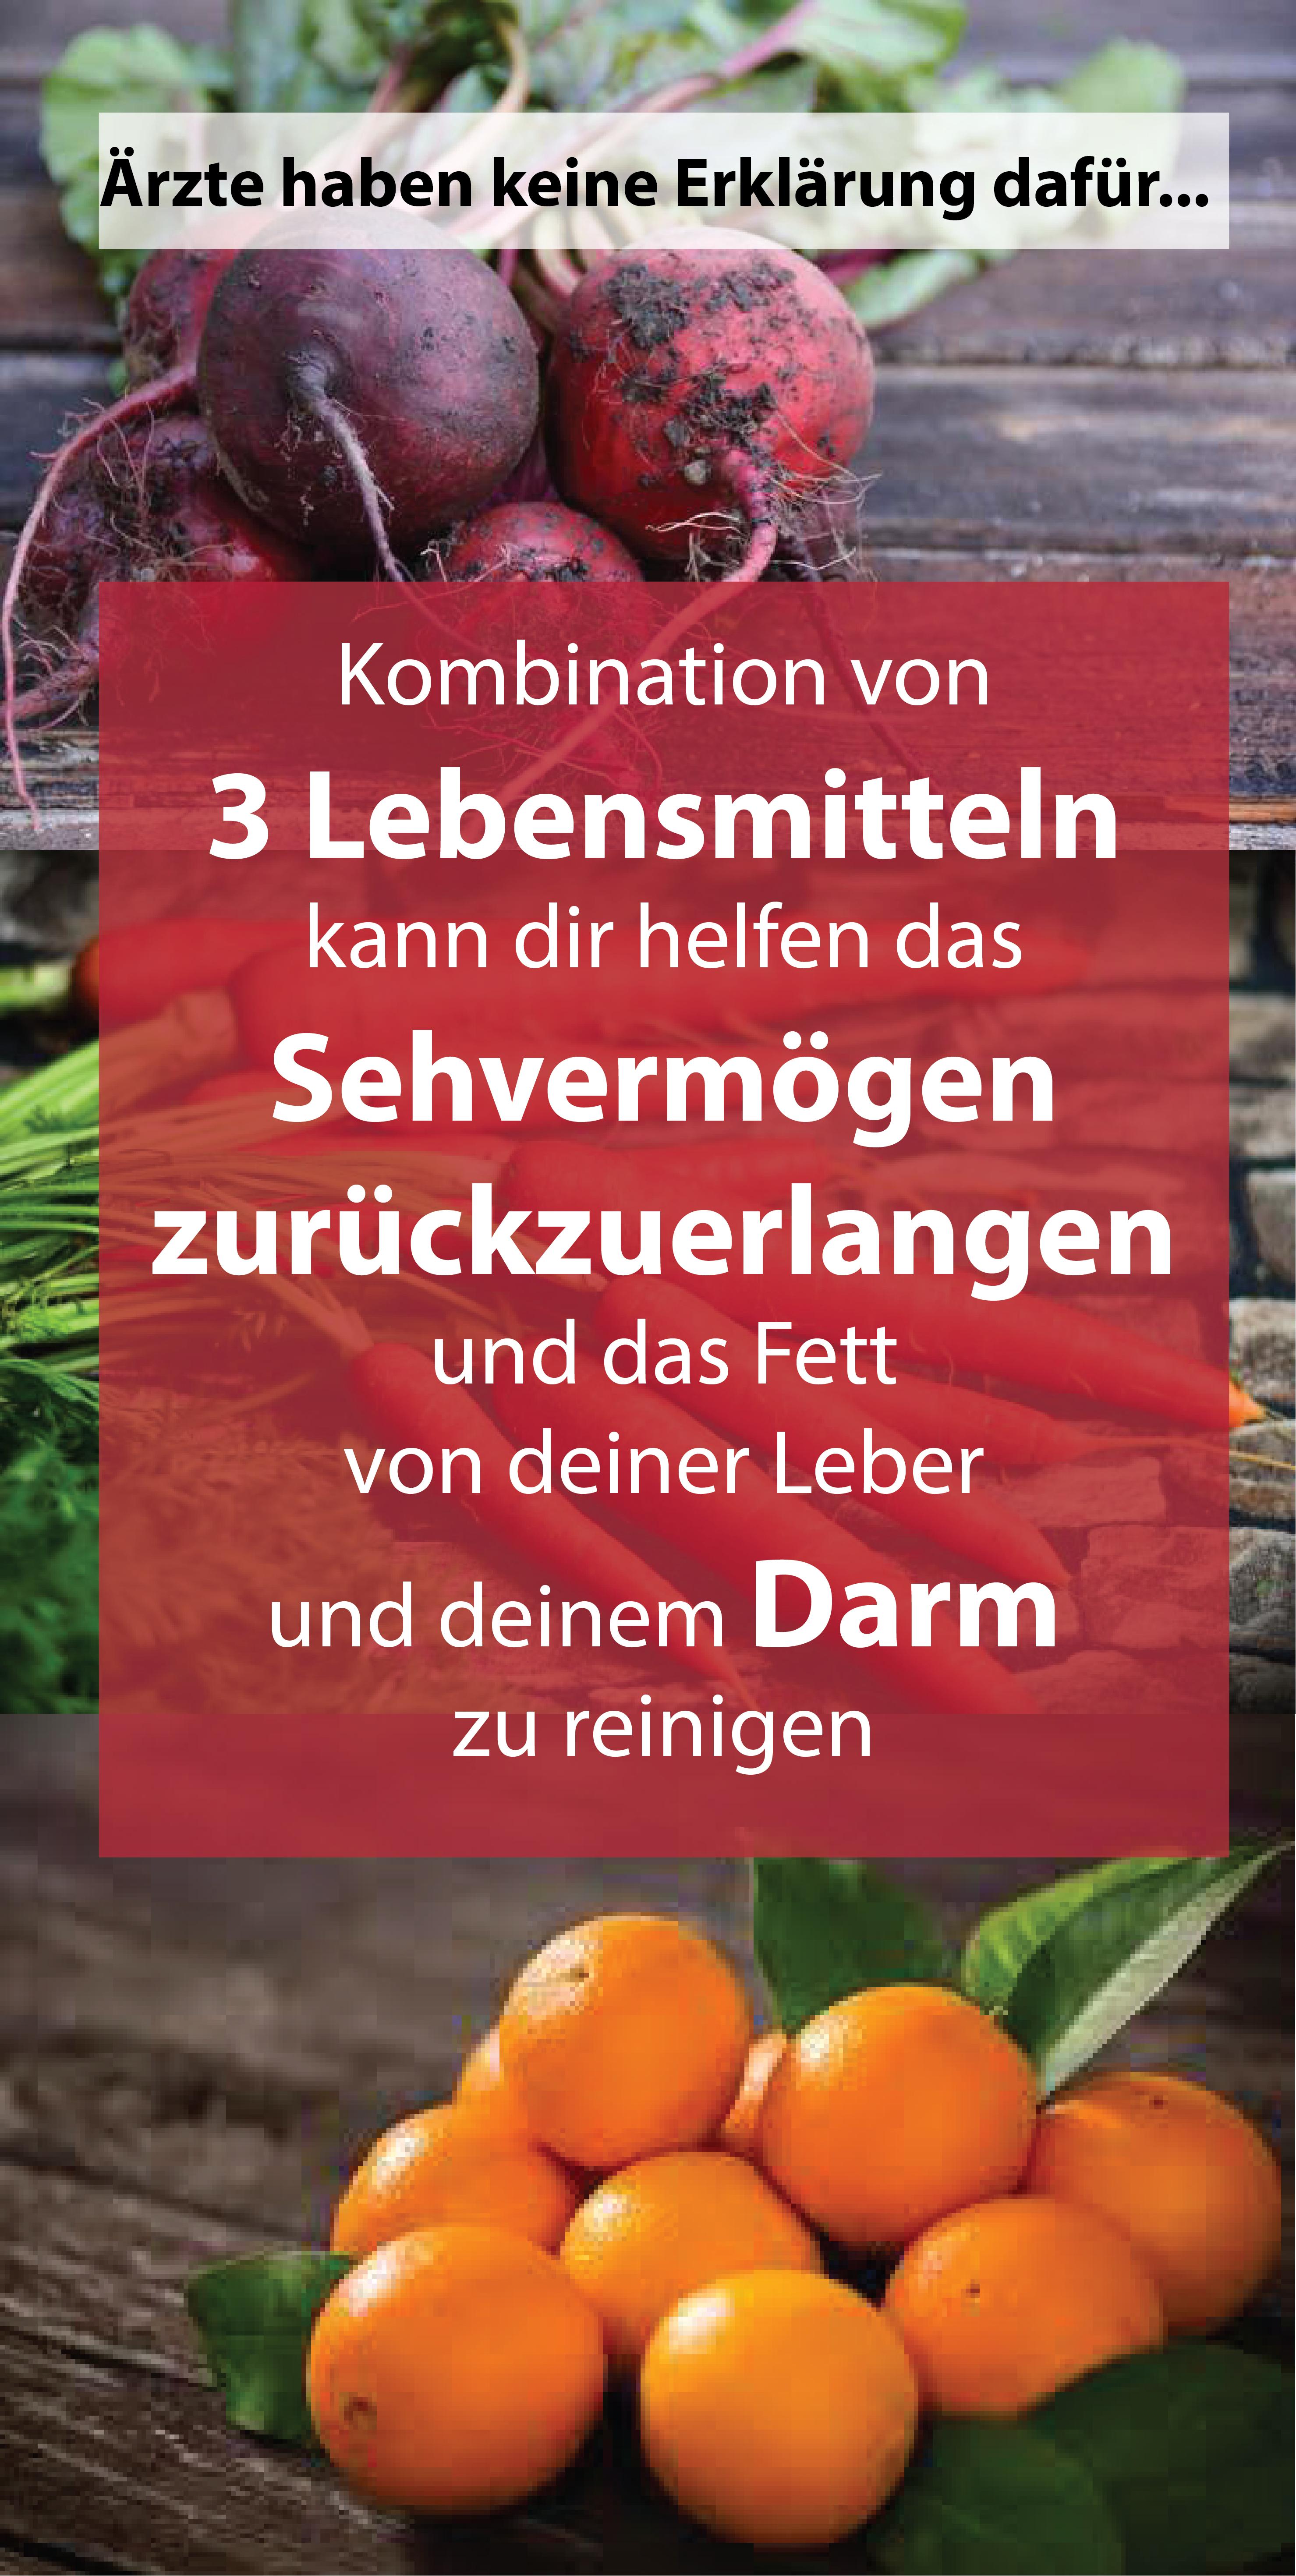 Kombination von 3 Lebensmitteln kann dir helfen das Sehvermögen zurückzuerlangen und das Fett von deiner Leber und deinem Darm zu reinigen